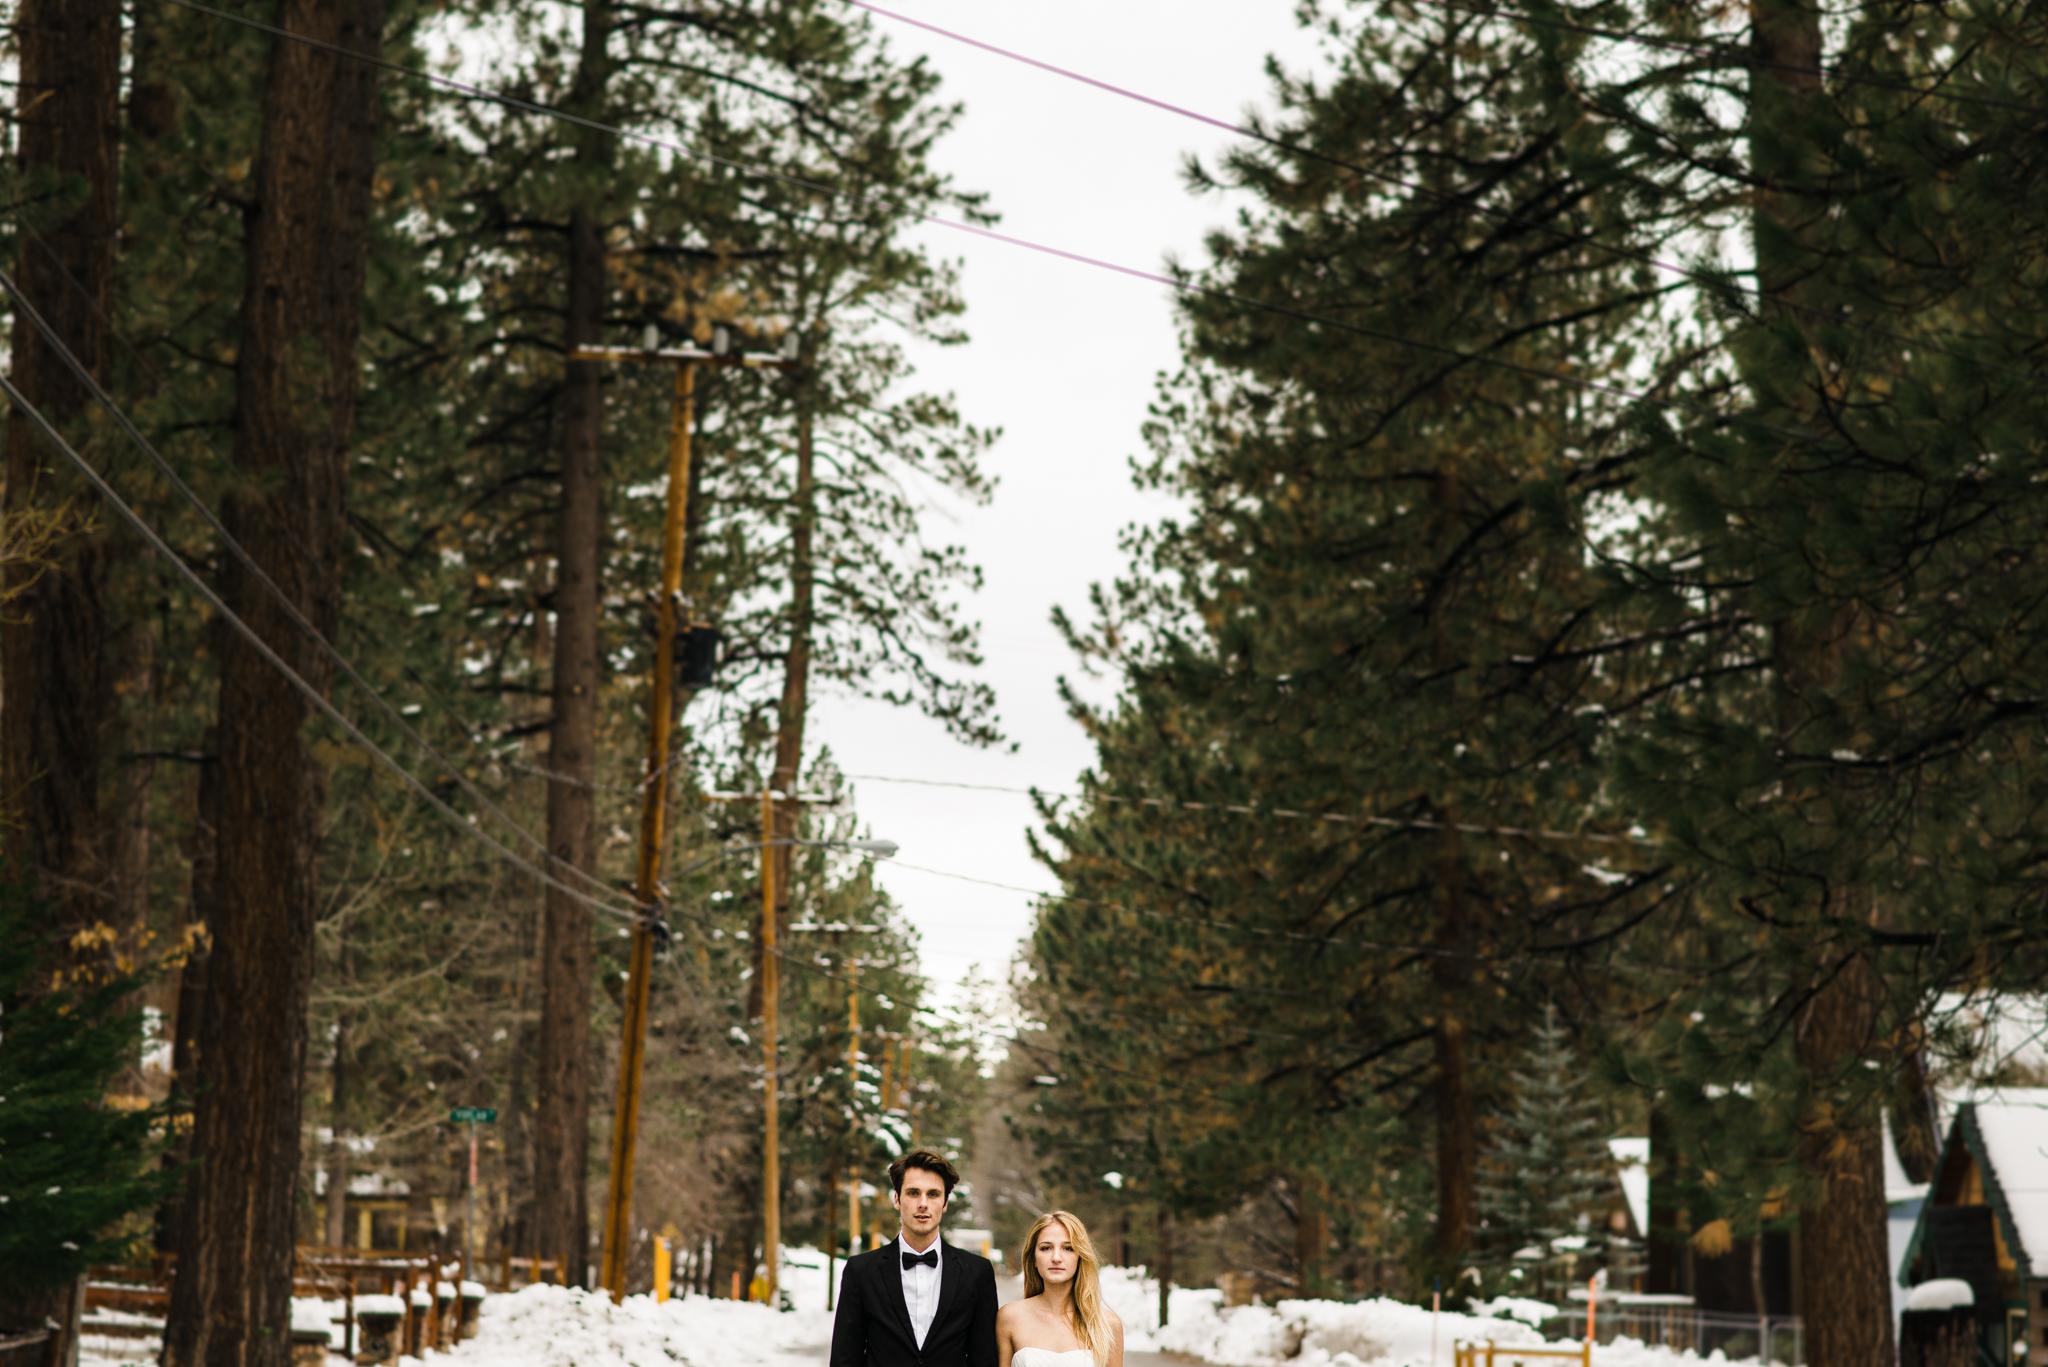 ©Isaiah & Taylor Photography - Ben & Kadin Honeymoon-013.jpg